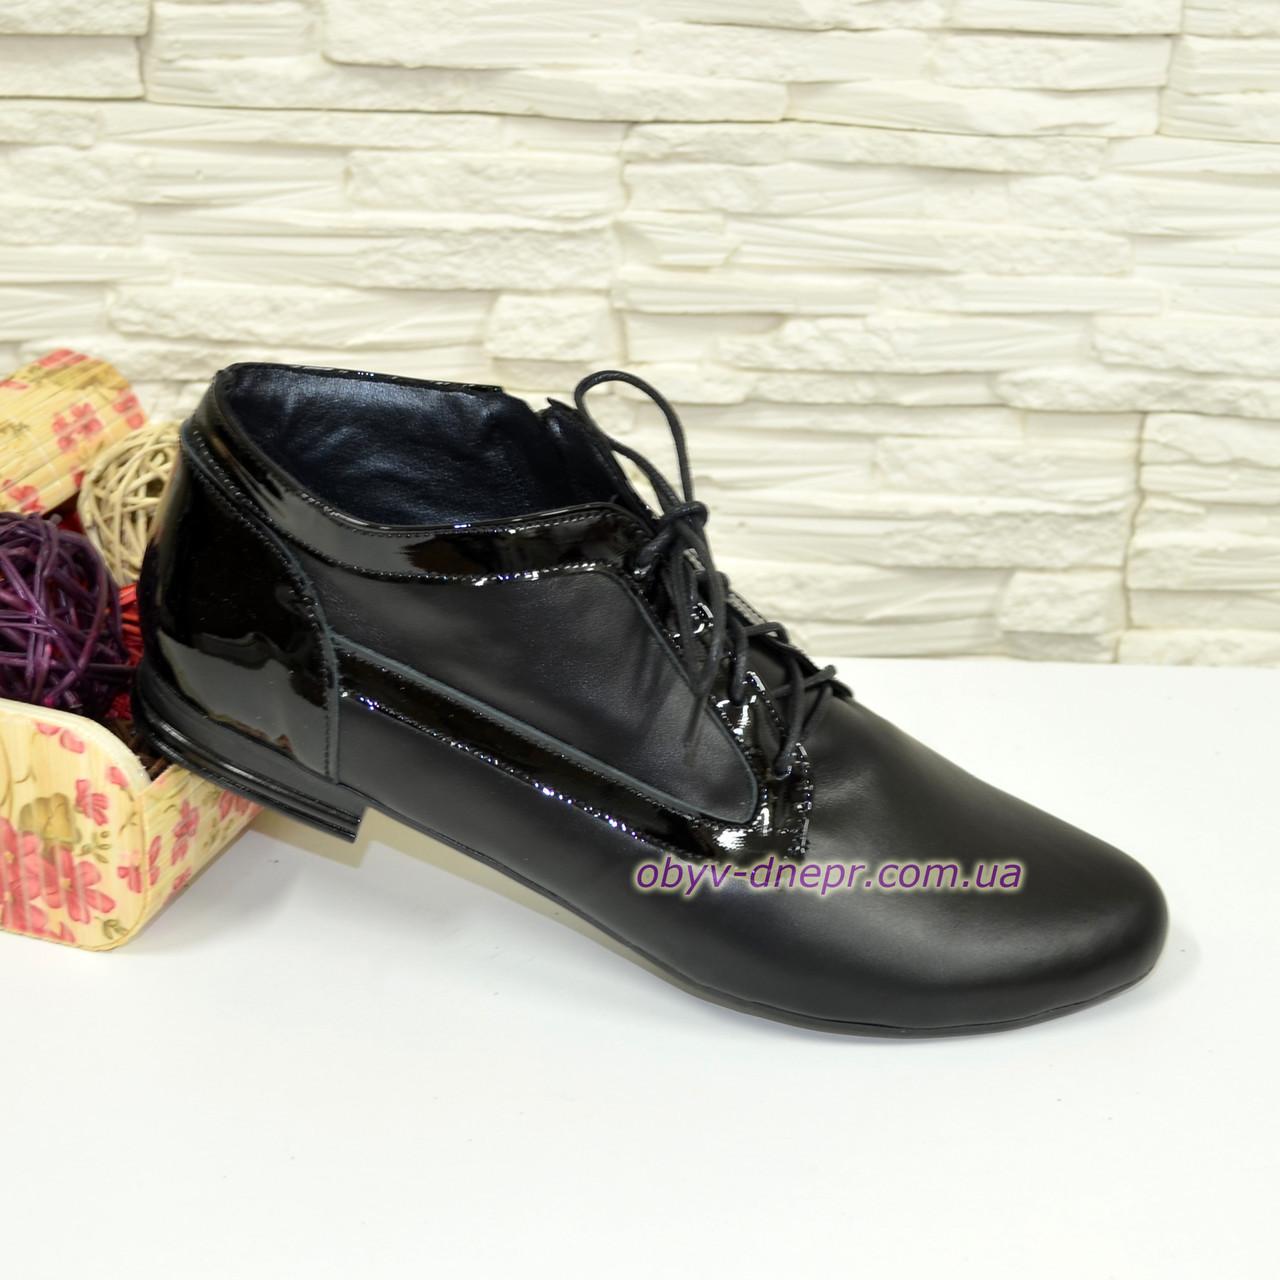 Туфли женские закрытые кожаные на шнуровке с вставками из лаковой кожи